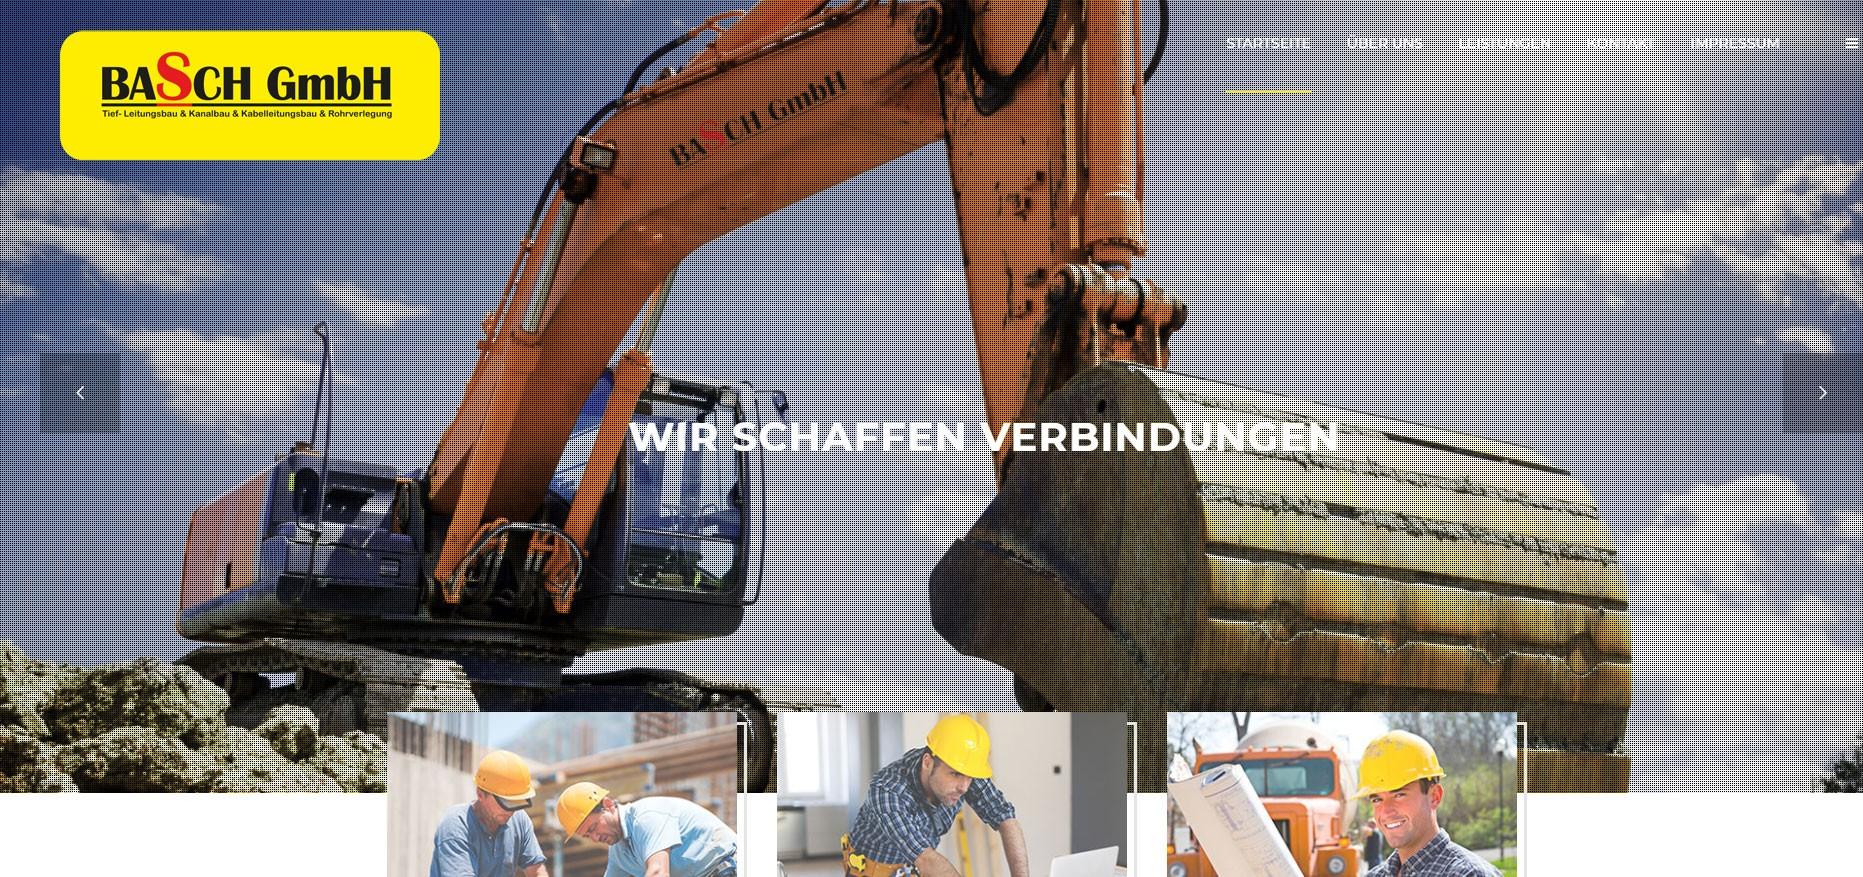 Basch GmbH